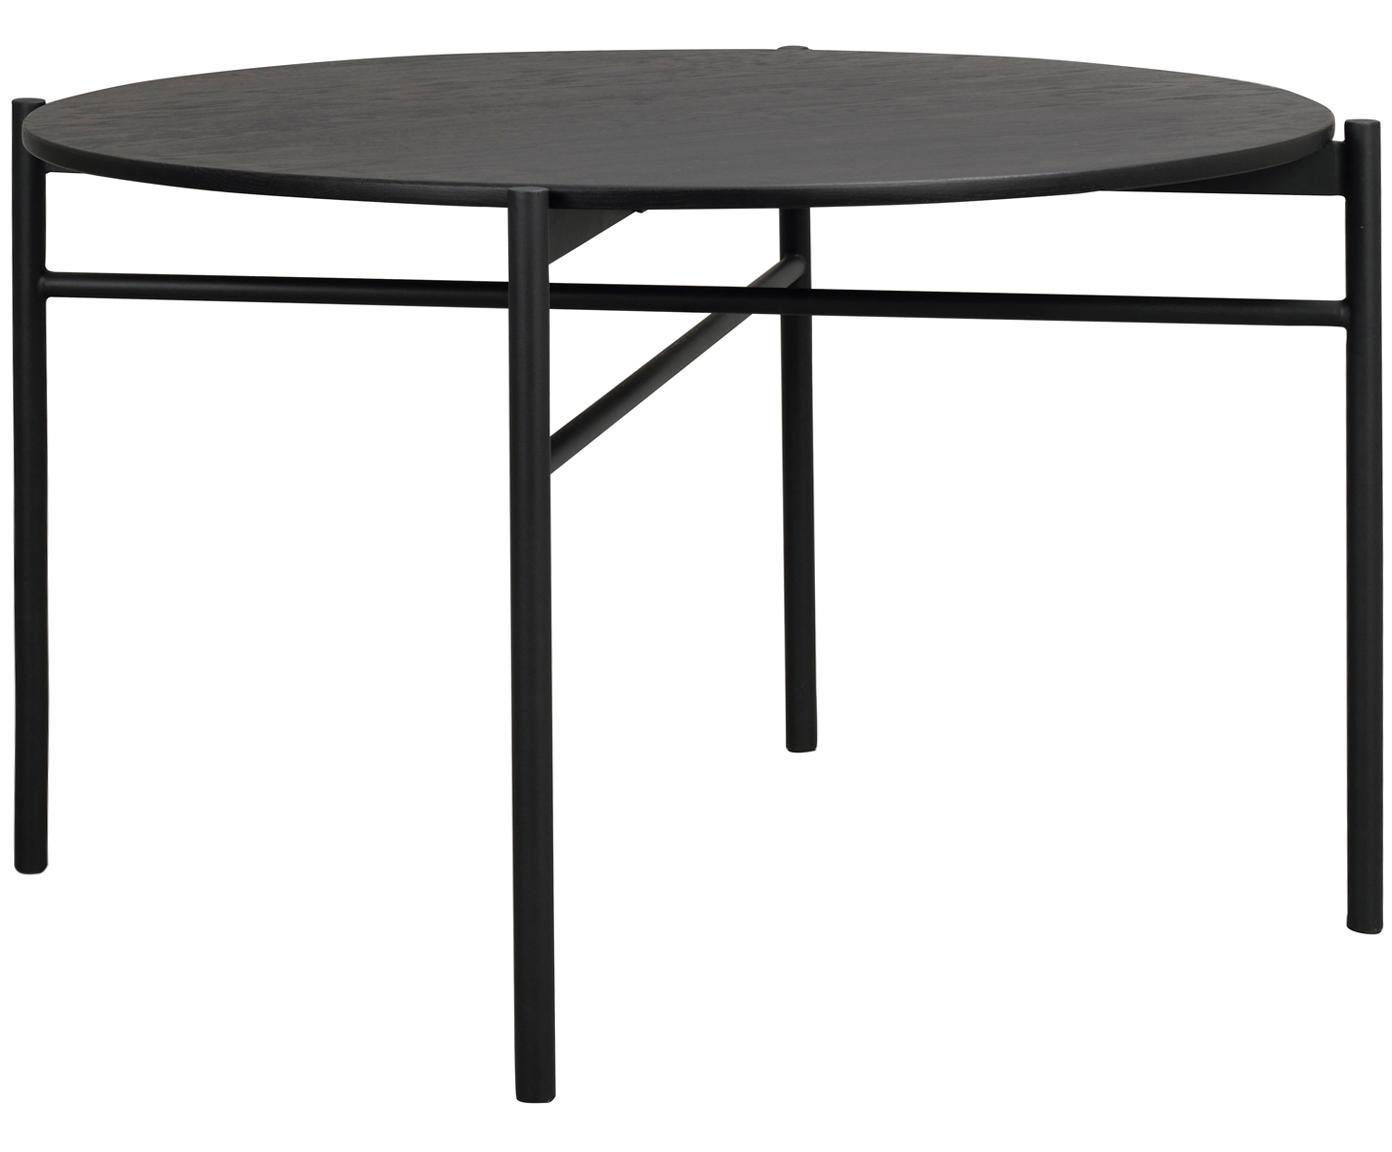 Ronde eettafel Skye in zwart, Tafelblad: MDF, zwart gelakt eikenho, Poten: gepoedercoat metaal, Zwart, Ø 120 x H 75 cm